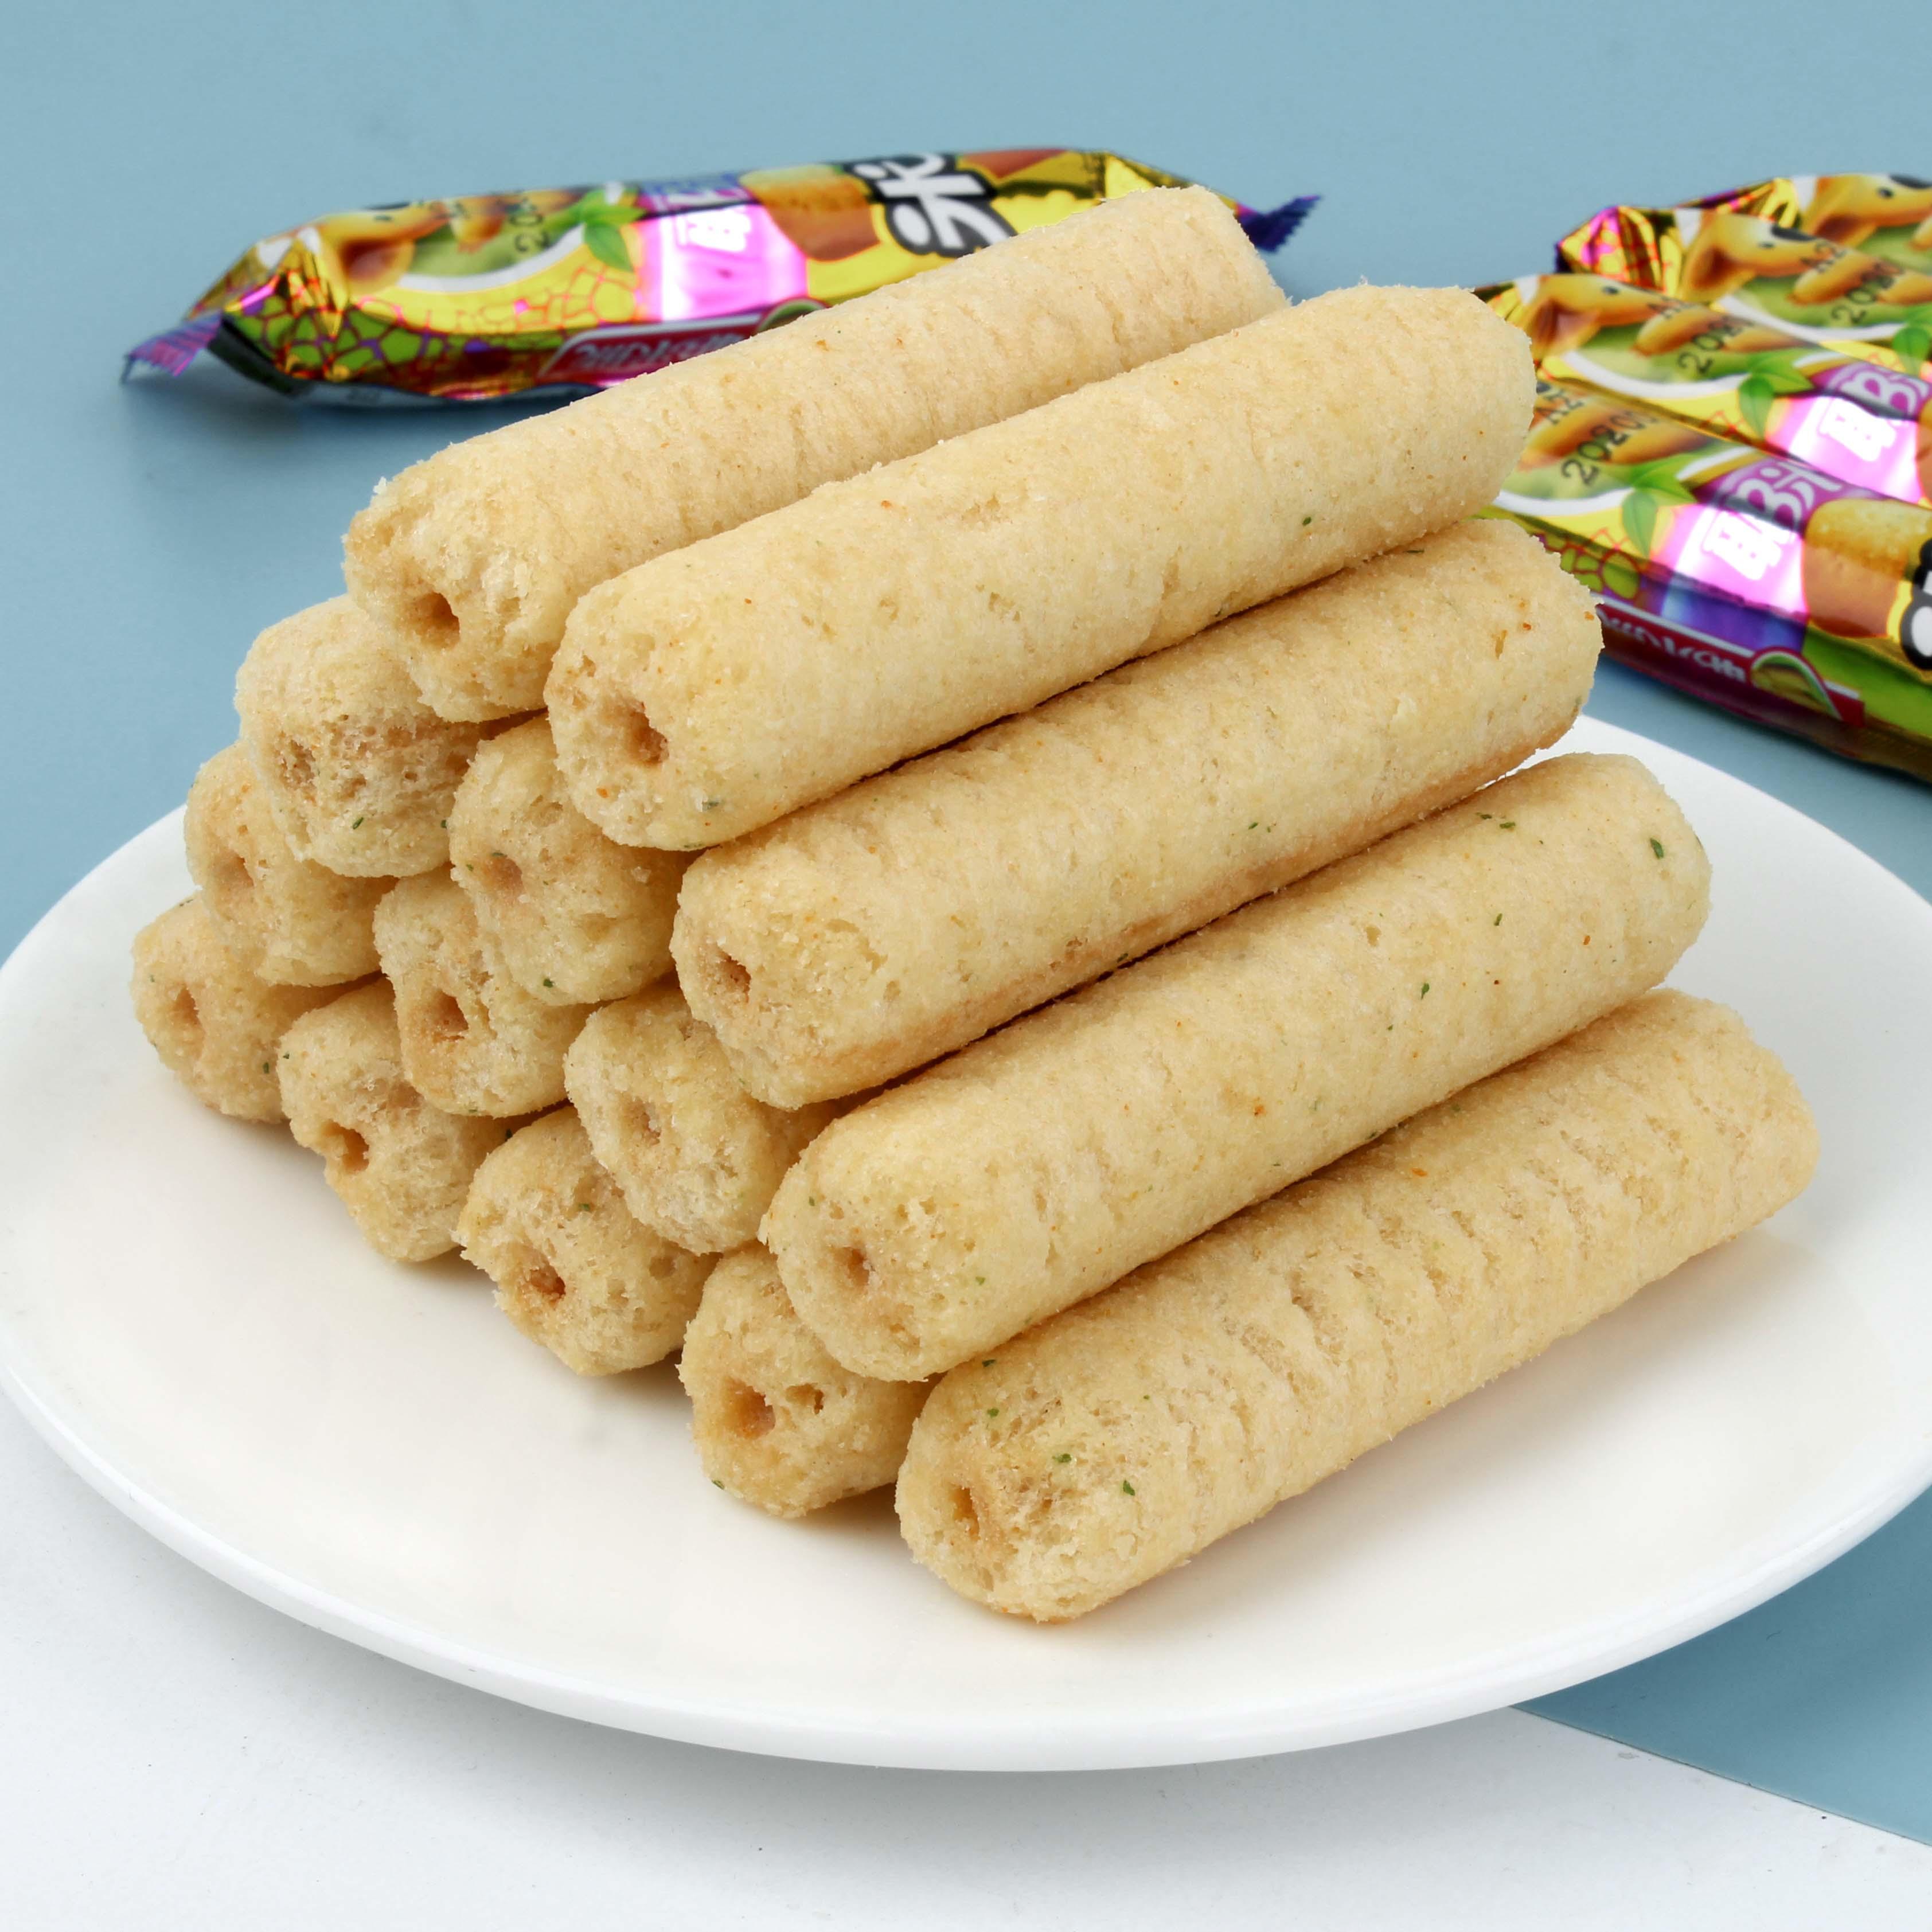 耶米熊米果派米果卷能量棒夹心爆米花米通办公室休闲零食500g